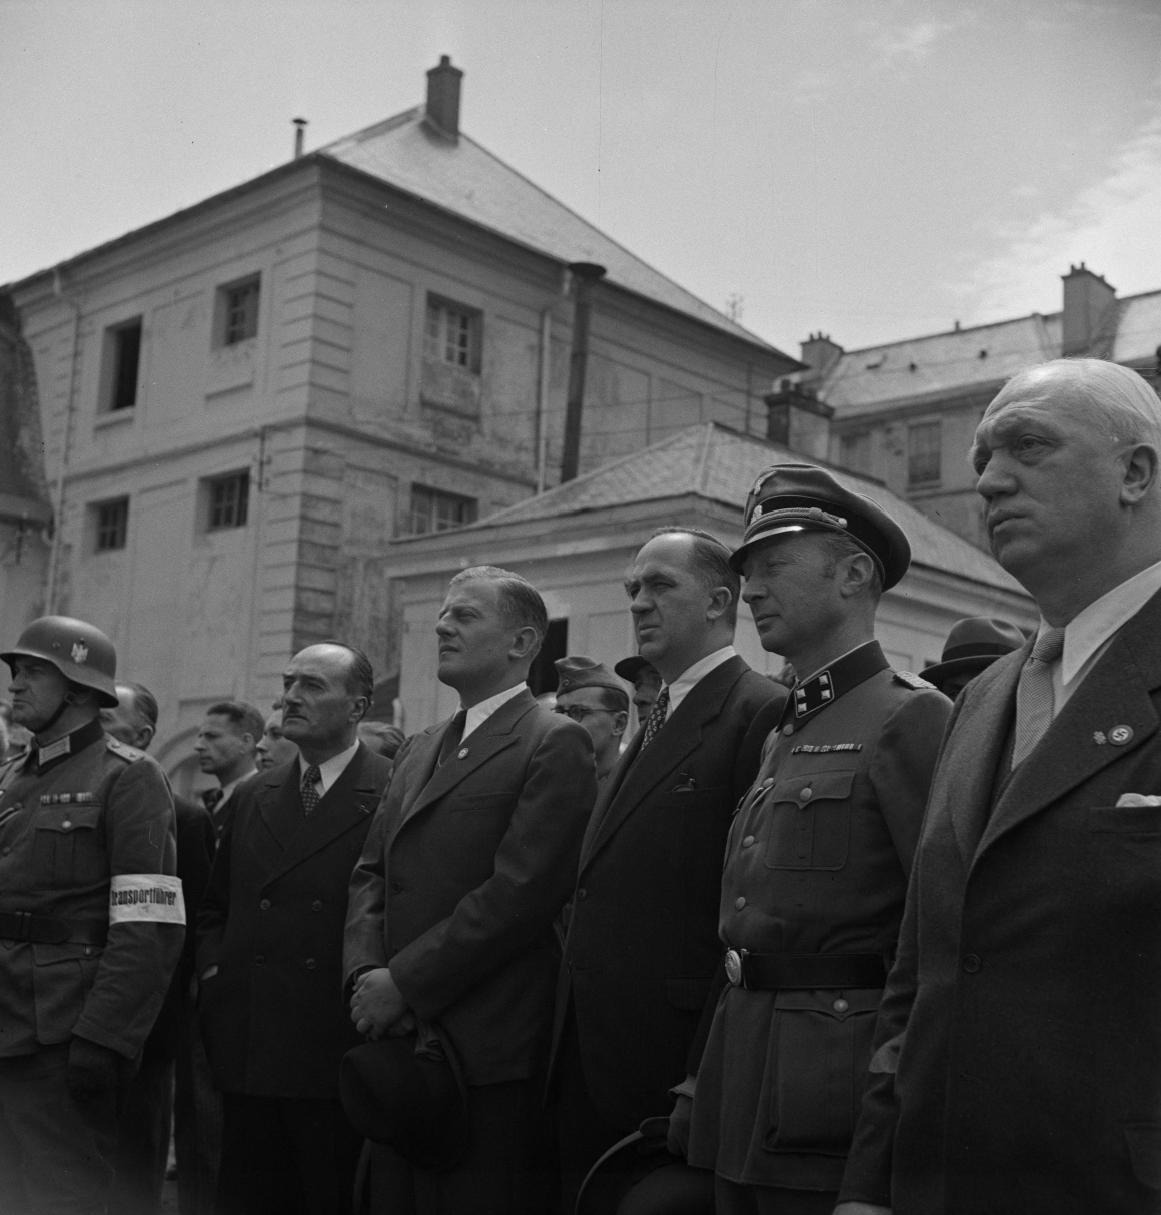 18. Генерал Арман Пинсар, Отто Абец (один из руководителей оккупационной администрации Третьего рейха на территории Франции), г-н Вестрик, советник посольства